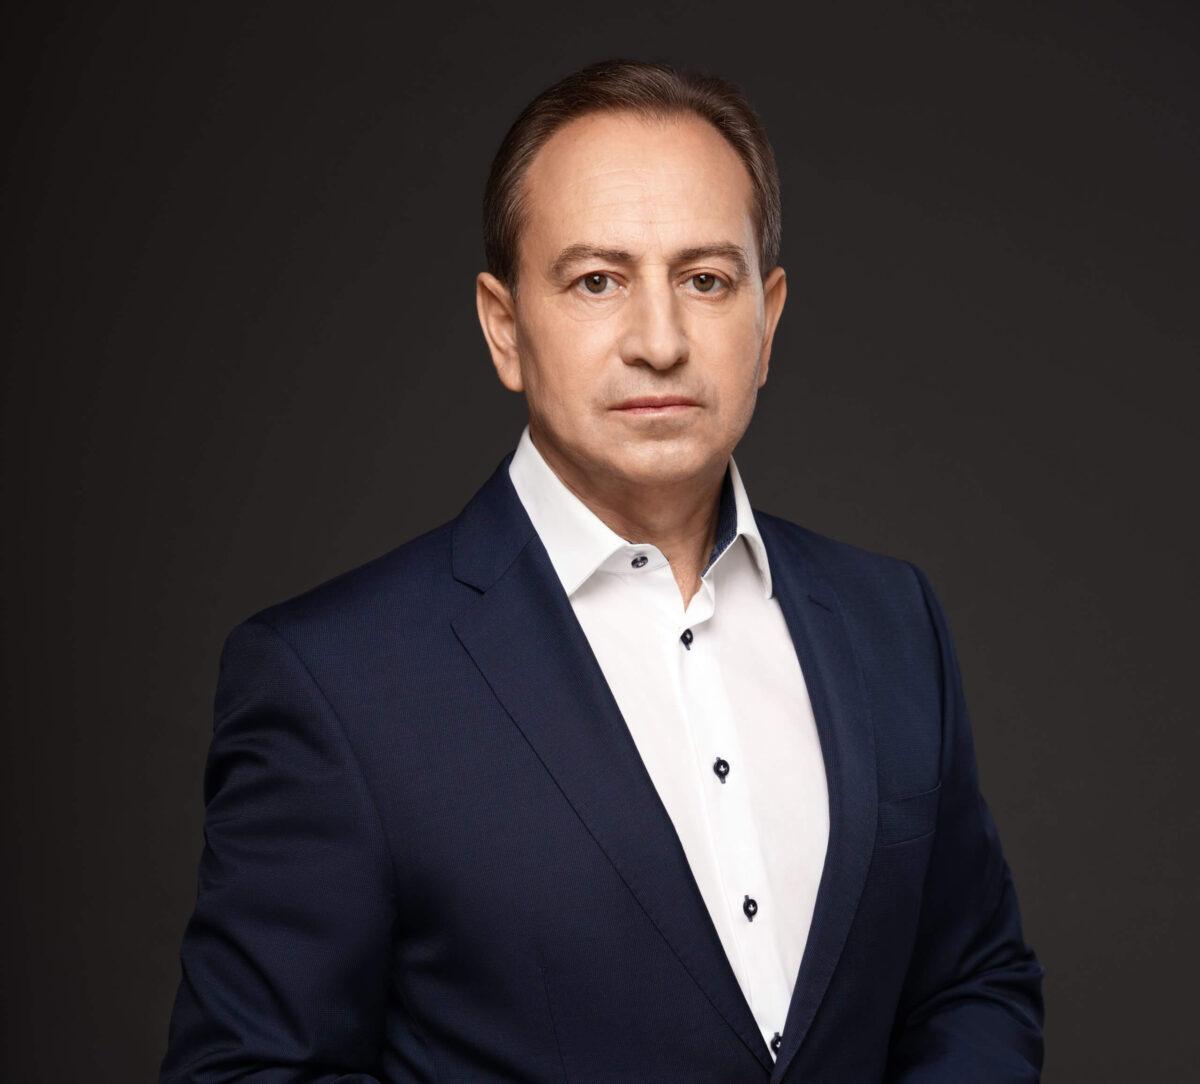 12 березня о 14:00 у прес-клубі – зустріч з Миколою Томенком